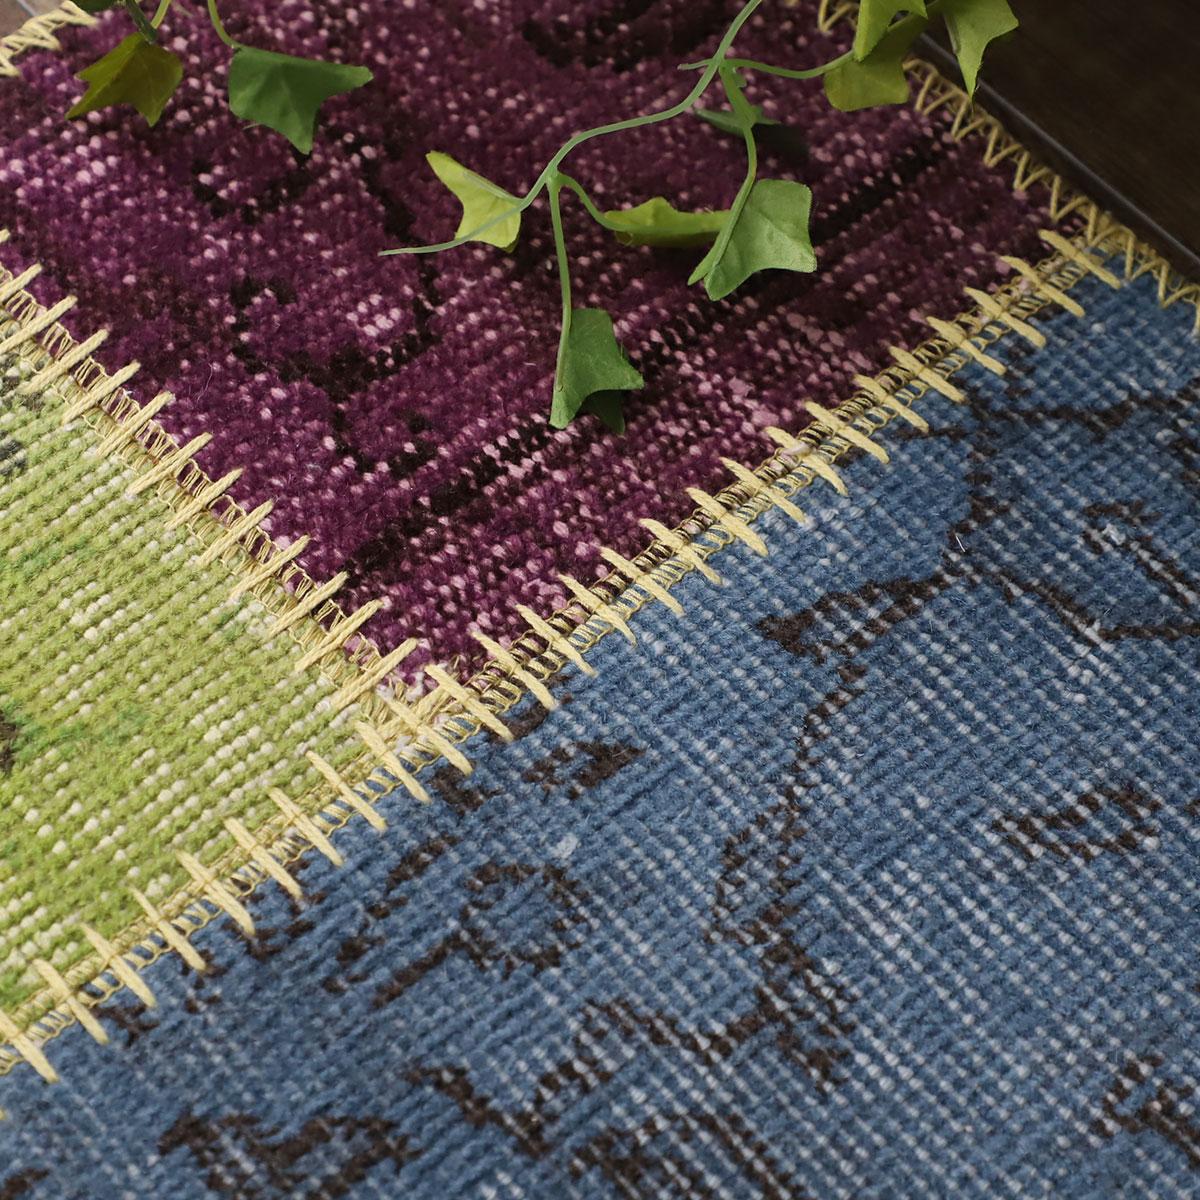 トルコ絨毯 モダン リメイクマット 海外インテリア『ビンテージパッチワークマット』